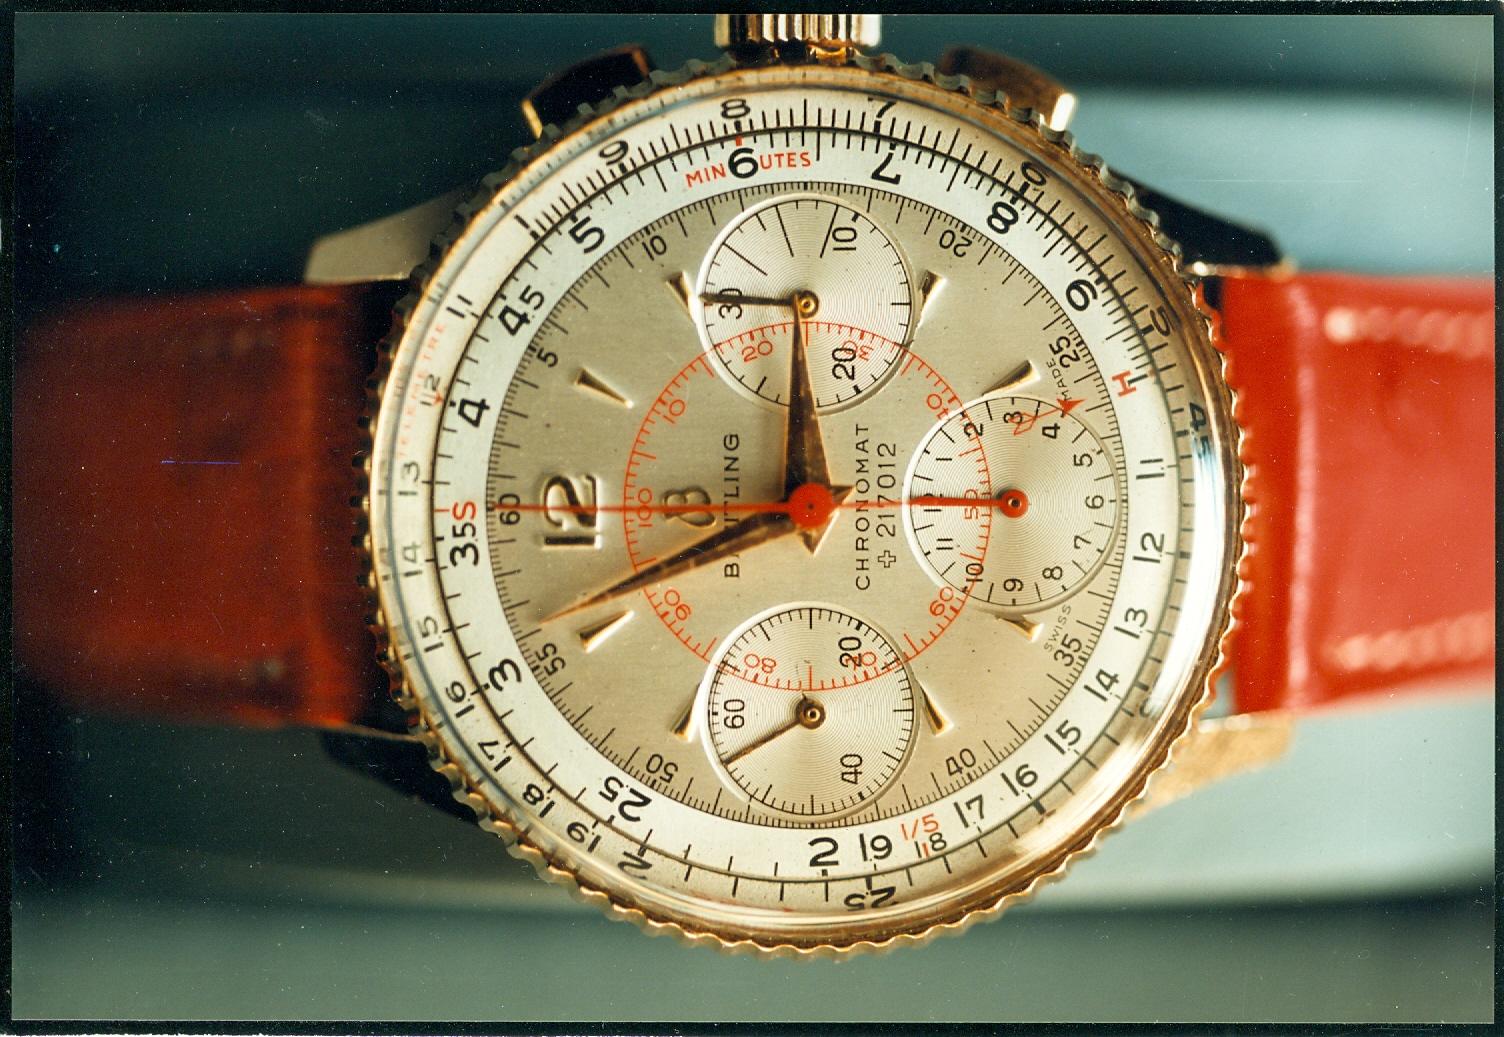 Eine klassische Schönheit - der Breitling Chronograph aus den 40-er Jahren des letzten Jahrhunderts